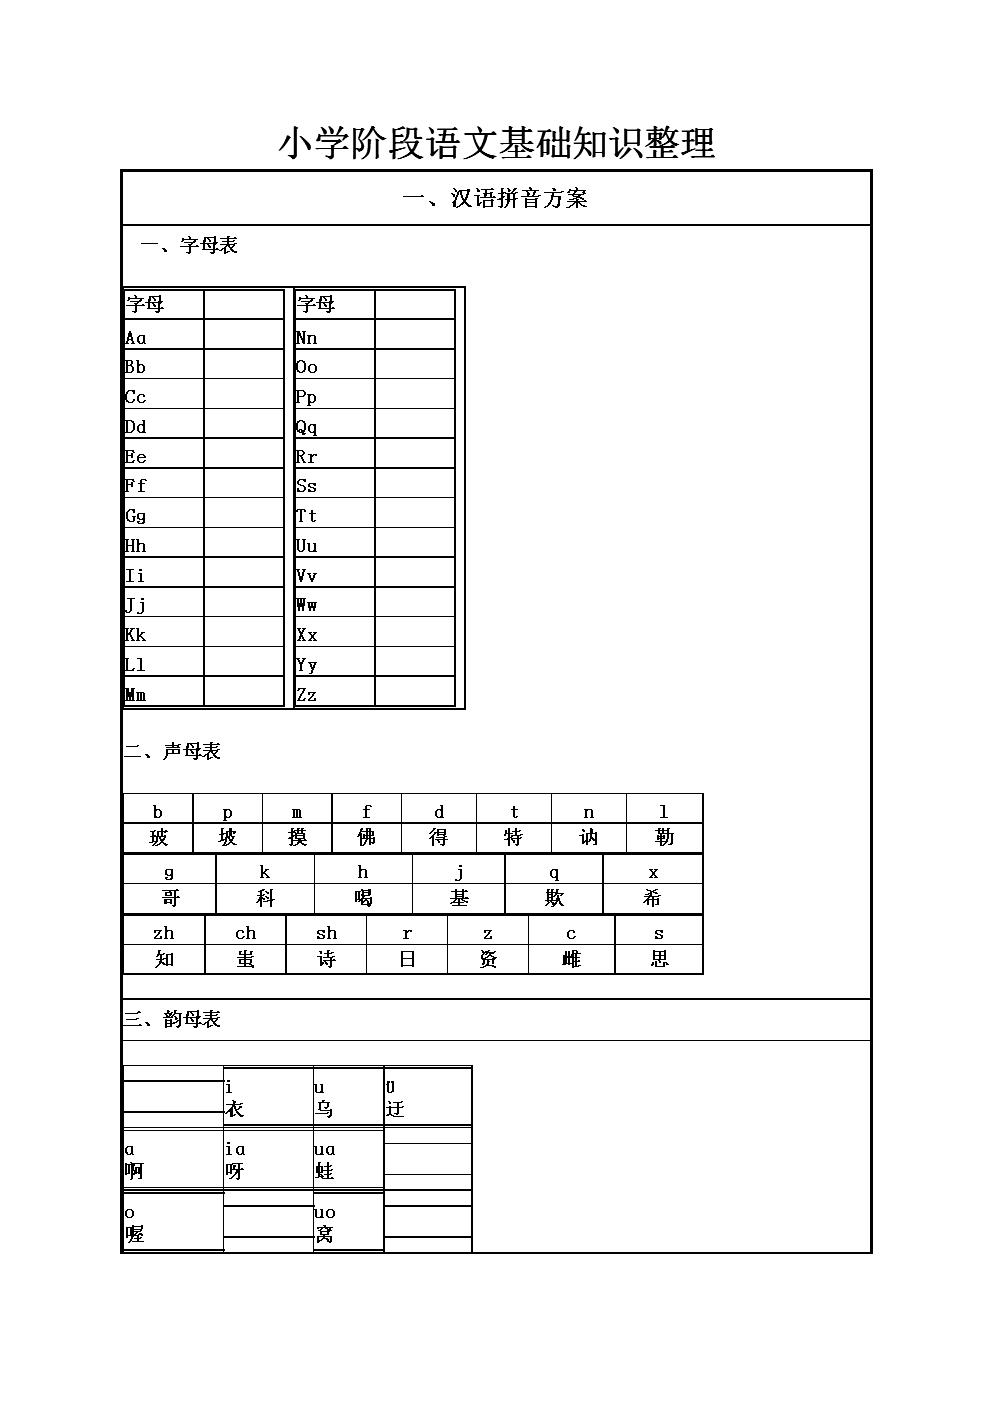 首名称表,汉字笔画名称表,标点符号用法表要点分析.doc